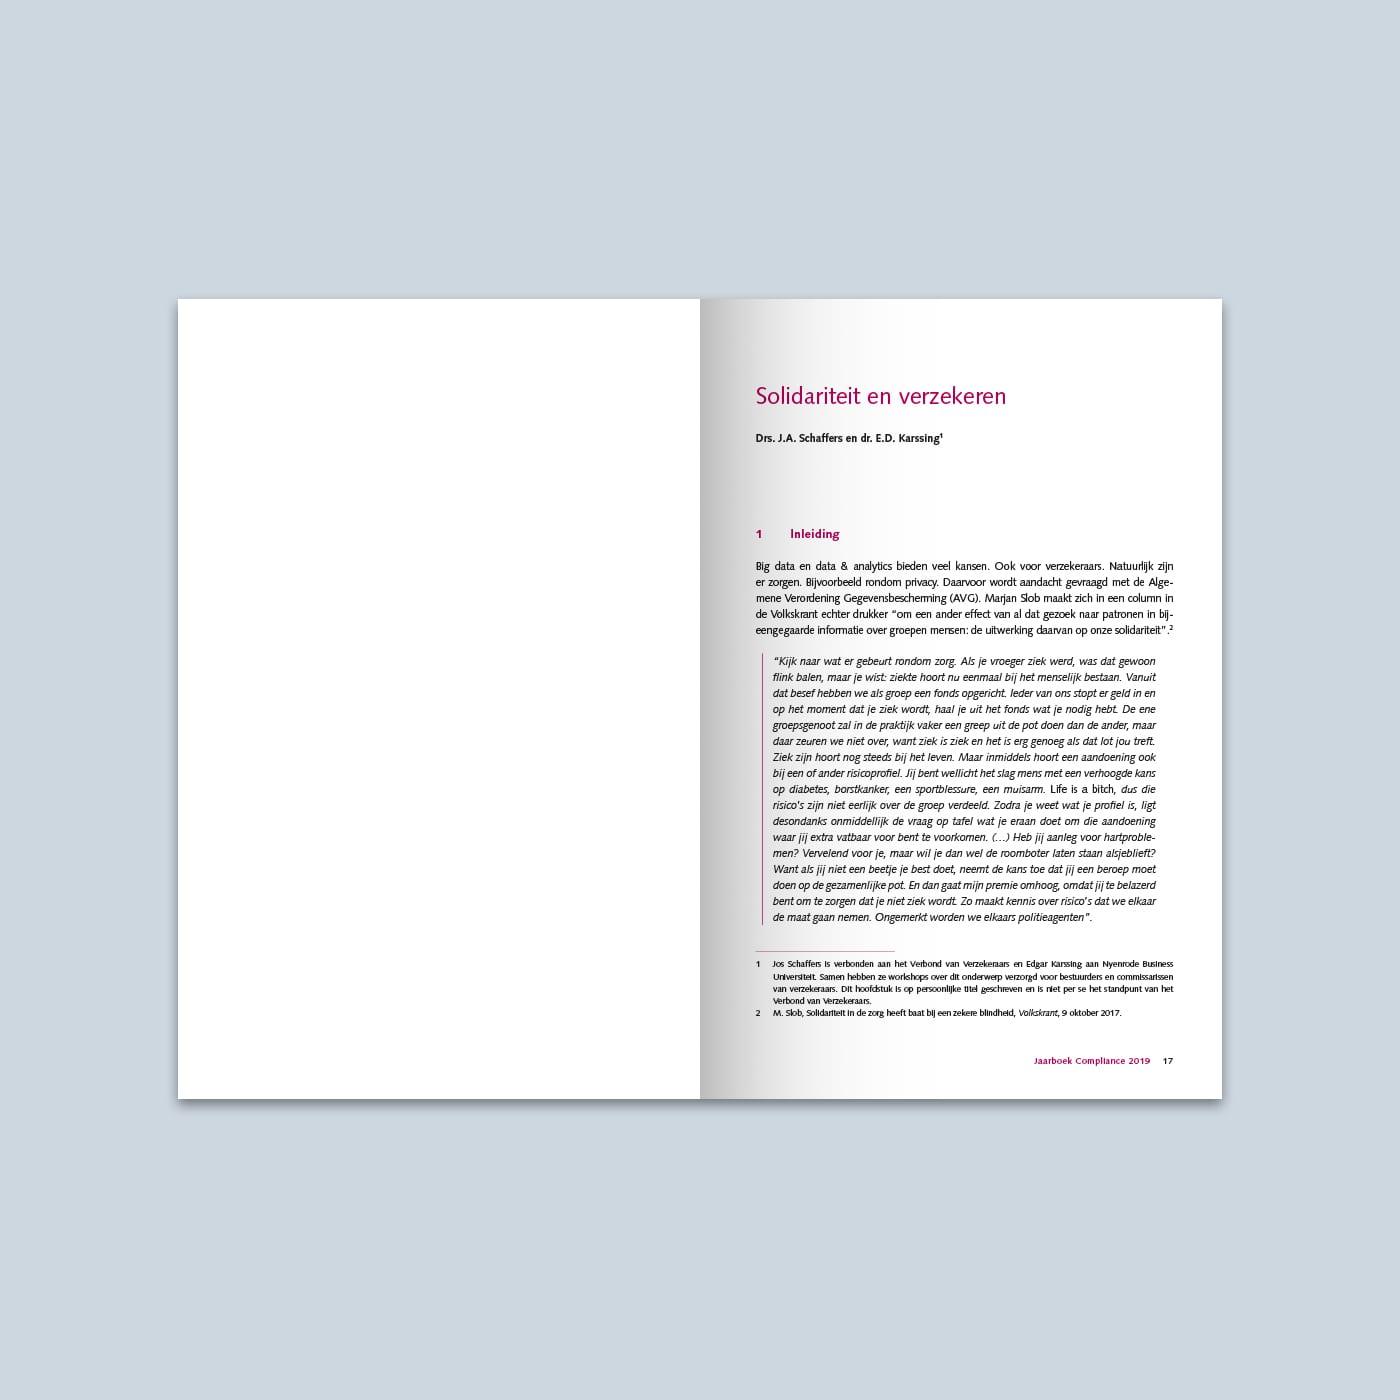 Jaarboek Compliance 2019 binnenwerk 3